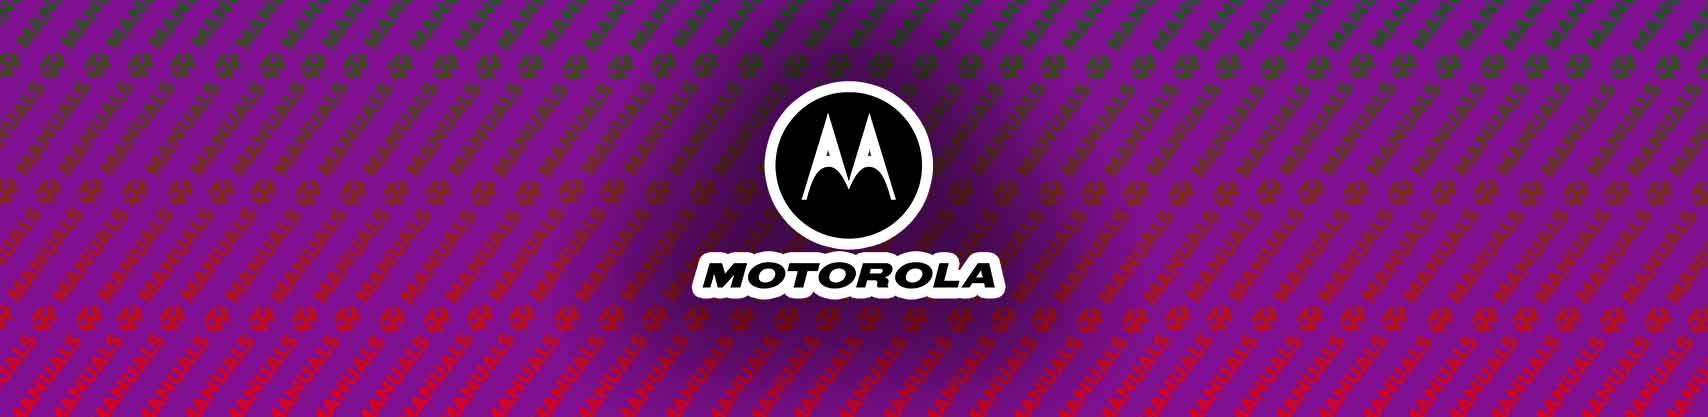 Motorola XTS 5000 Manual